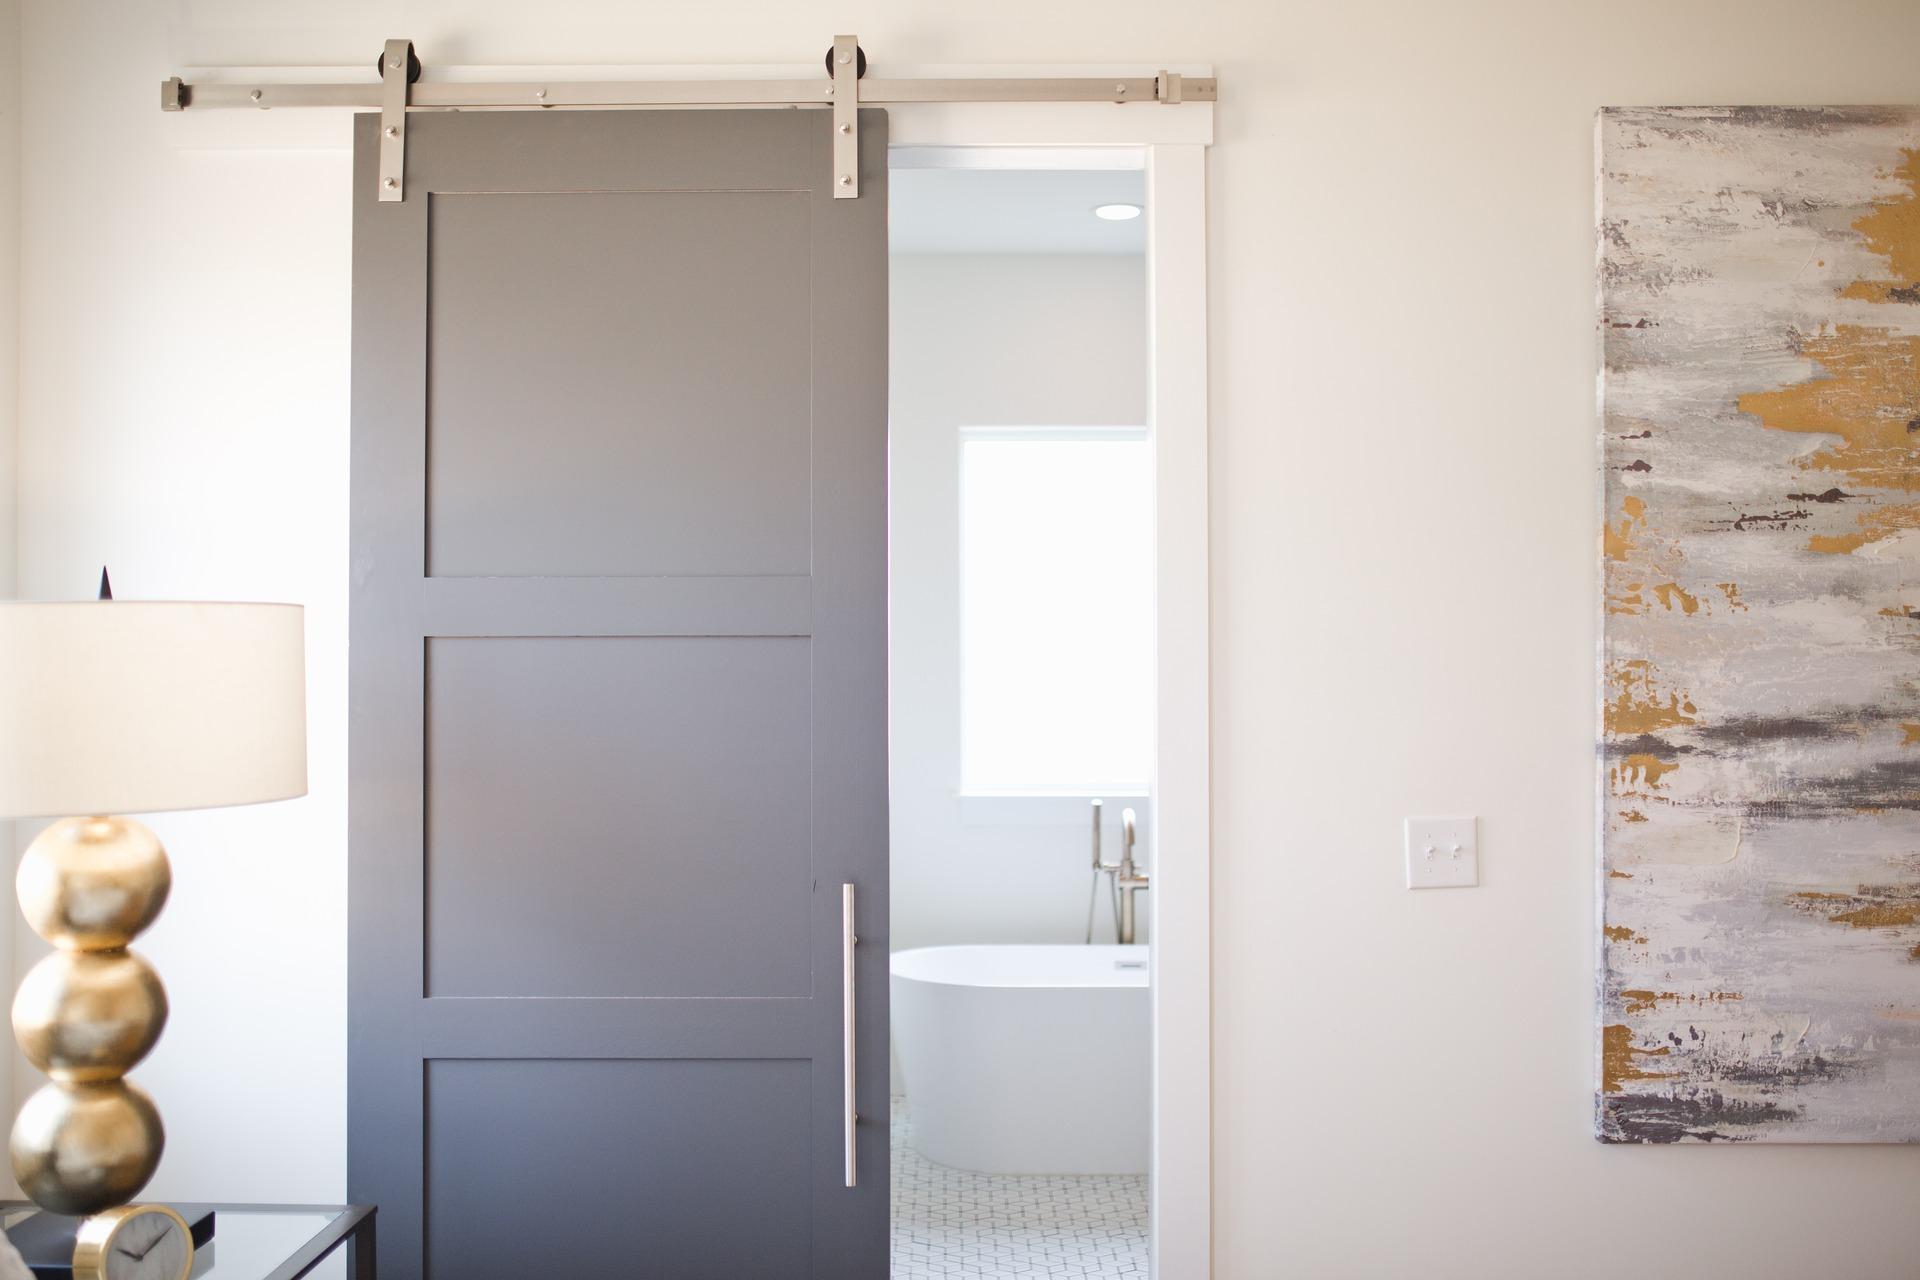 Come montare una porta scorrevole con binario a vista?